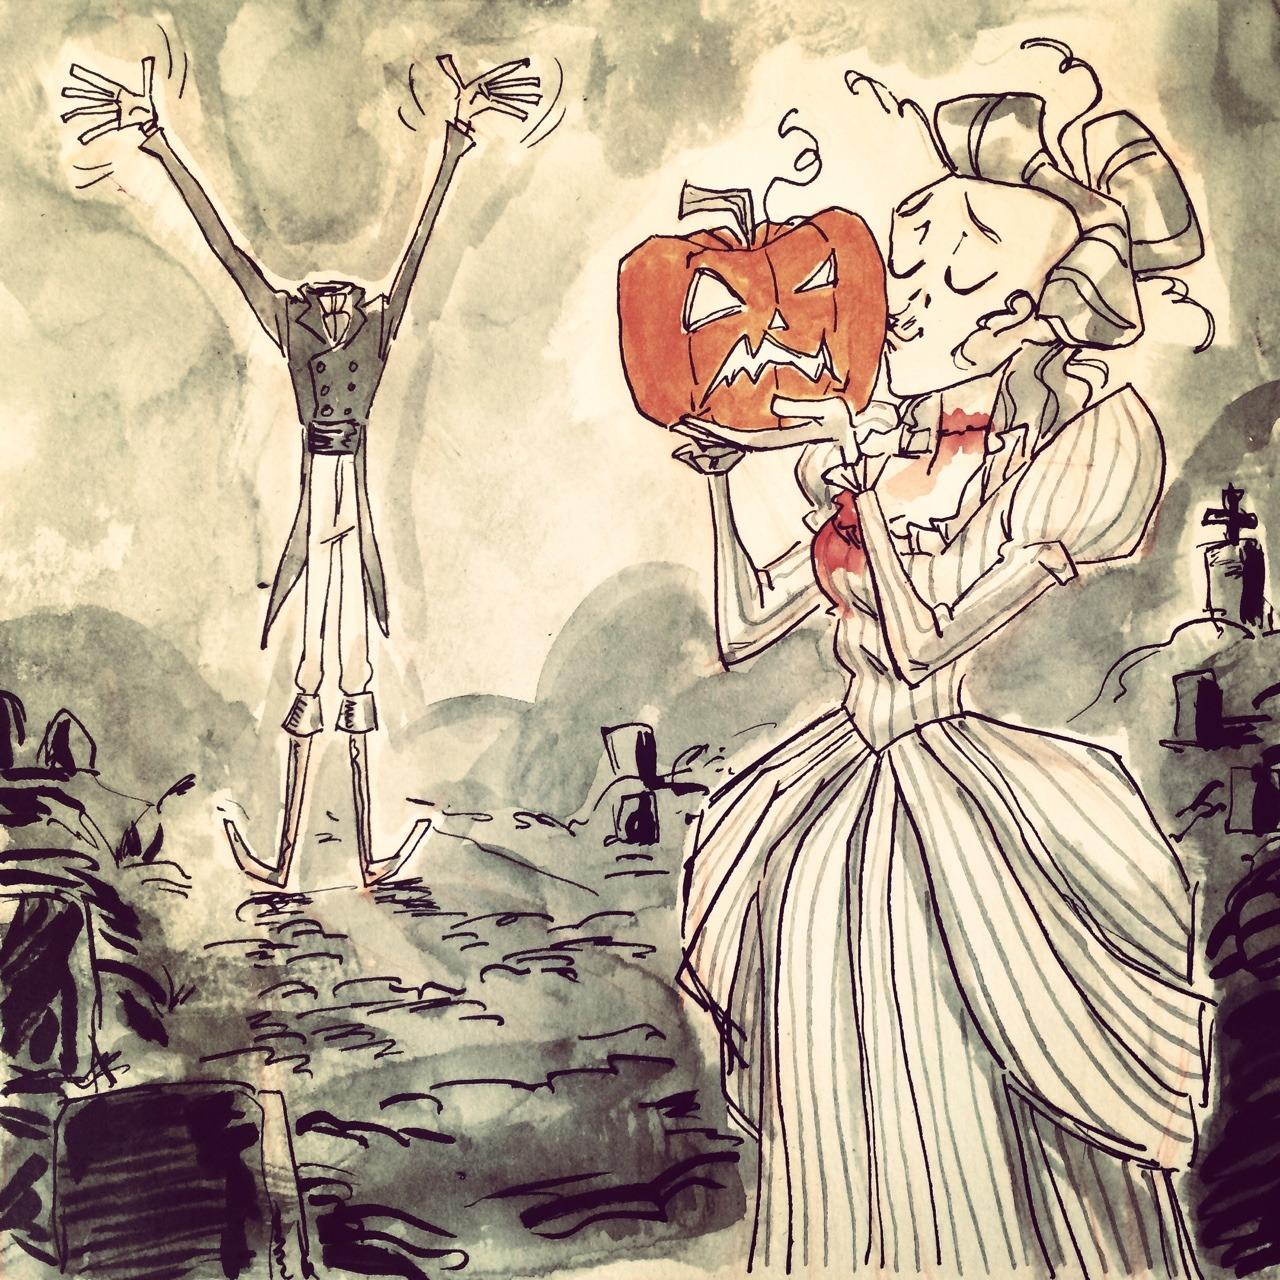 Bethany the Zombie by Bree Paulsen 2014evahalloween